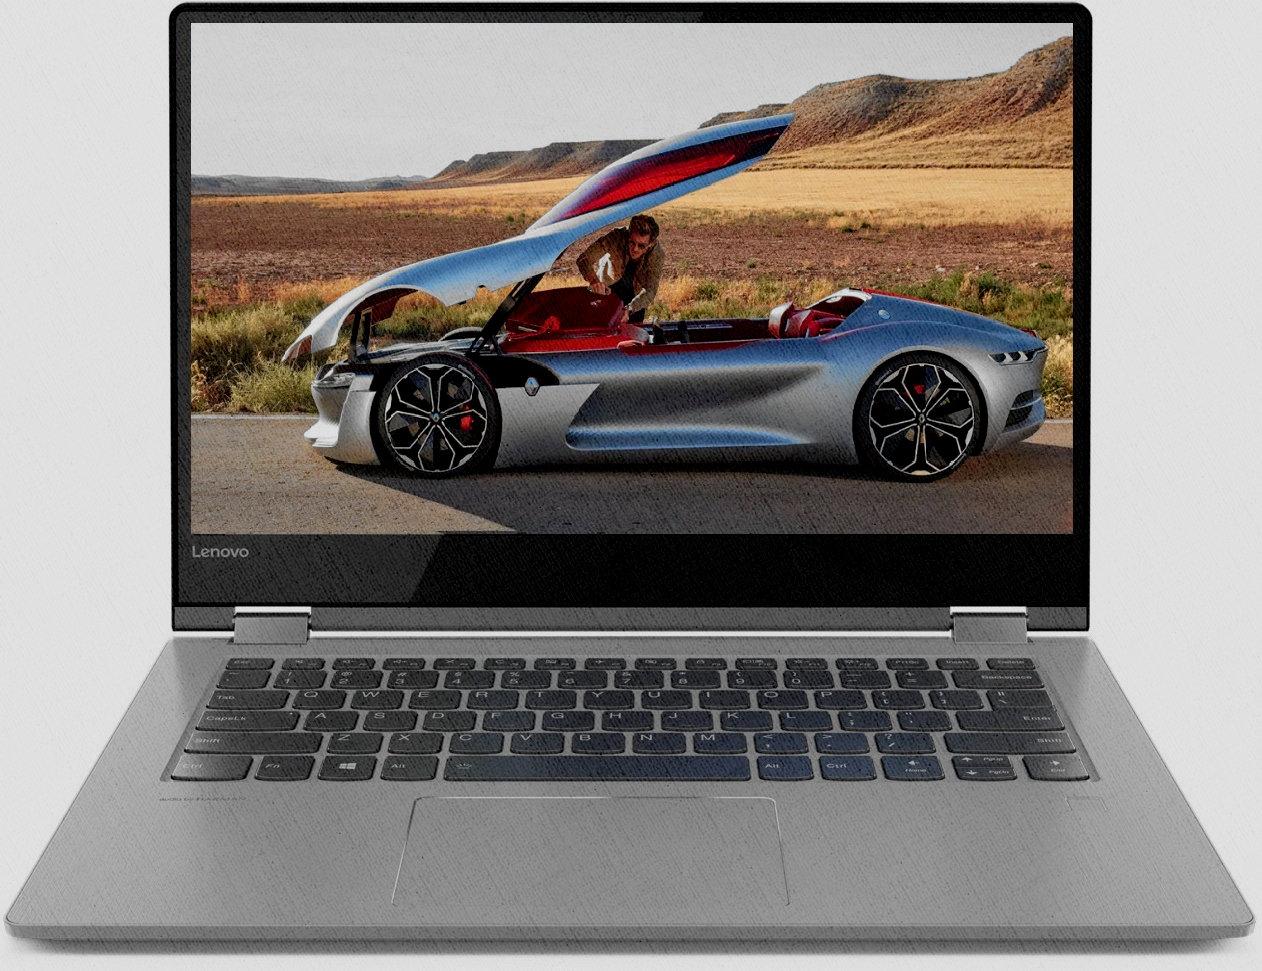 лучшая цена и качество Lenovo Yoga 530-14IKB Black 81EK009ARU